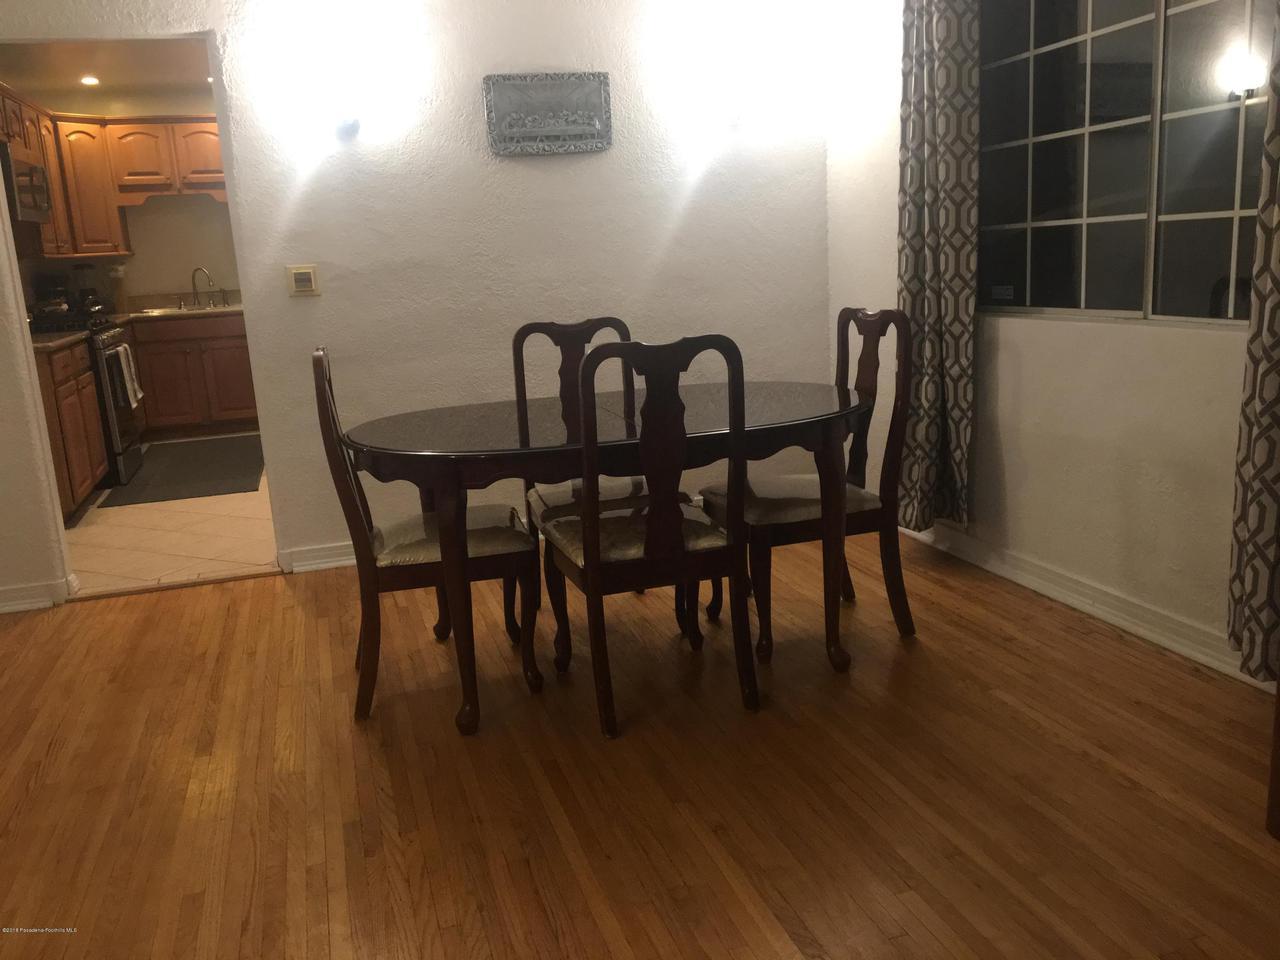 1724 NEWPORT, Pasadena, CA 91103 - C & A DINNING AREA